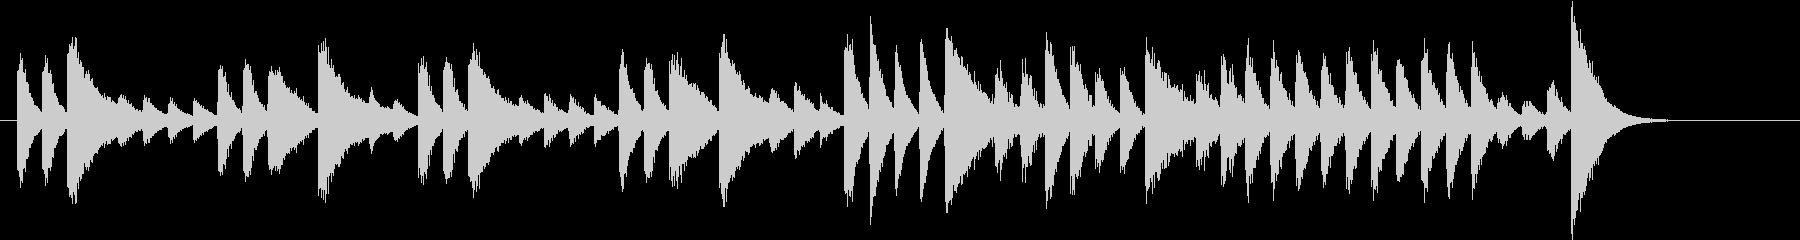 ウインターワンダーランドピアノジングルAの未再生の波形